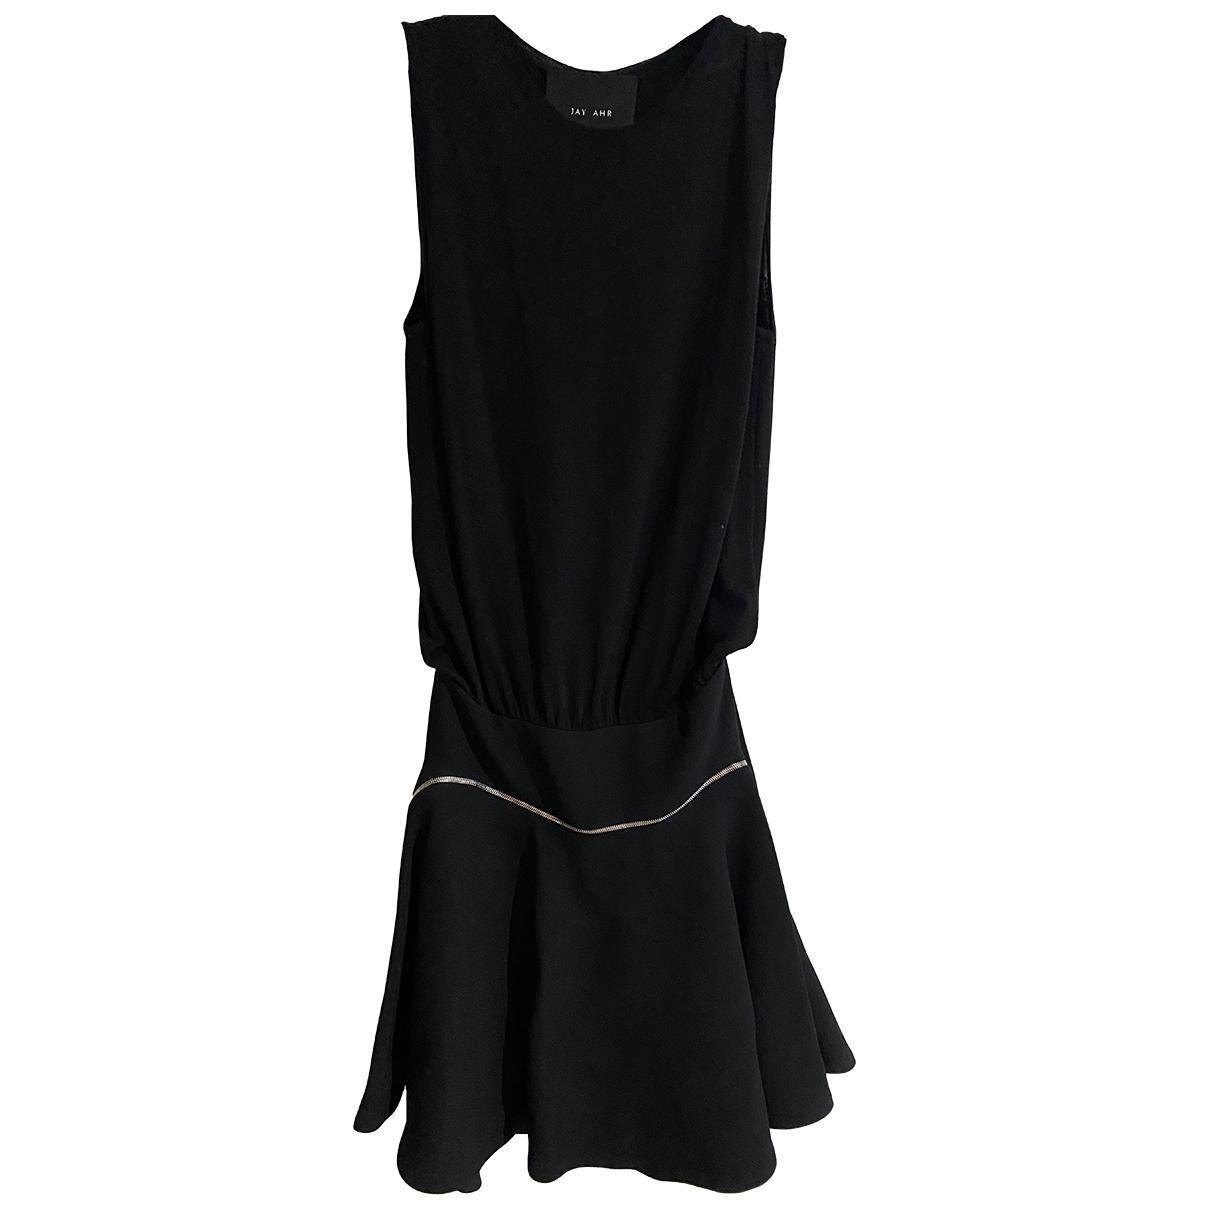 Jay Ahr \N Kleid in  Schwarz Wolle